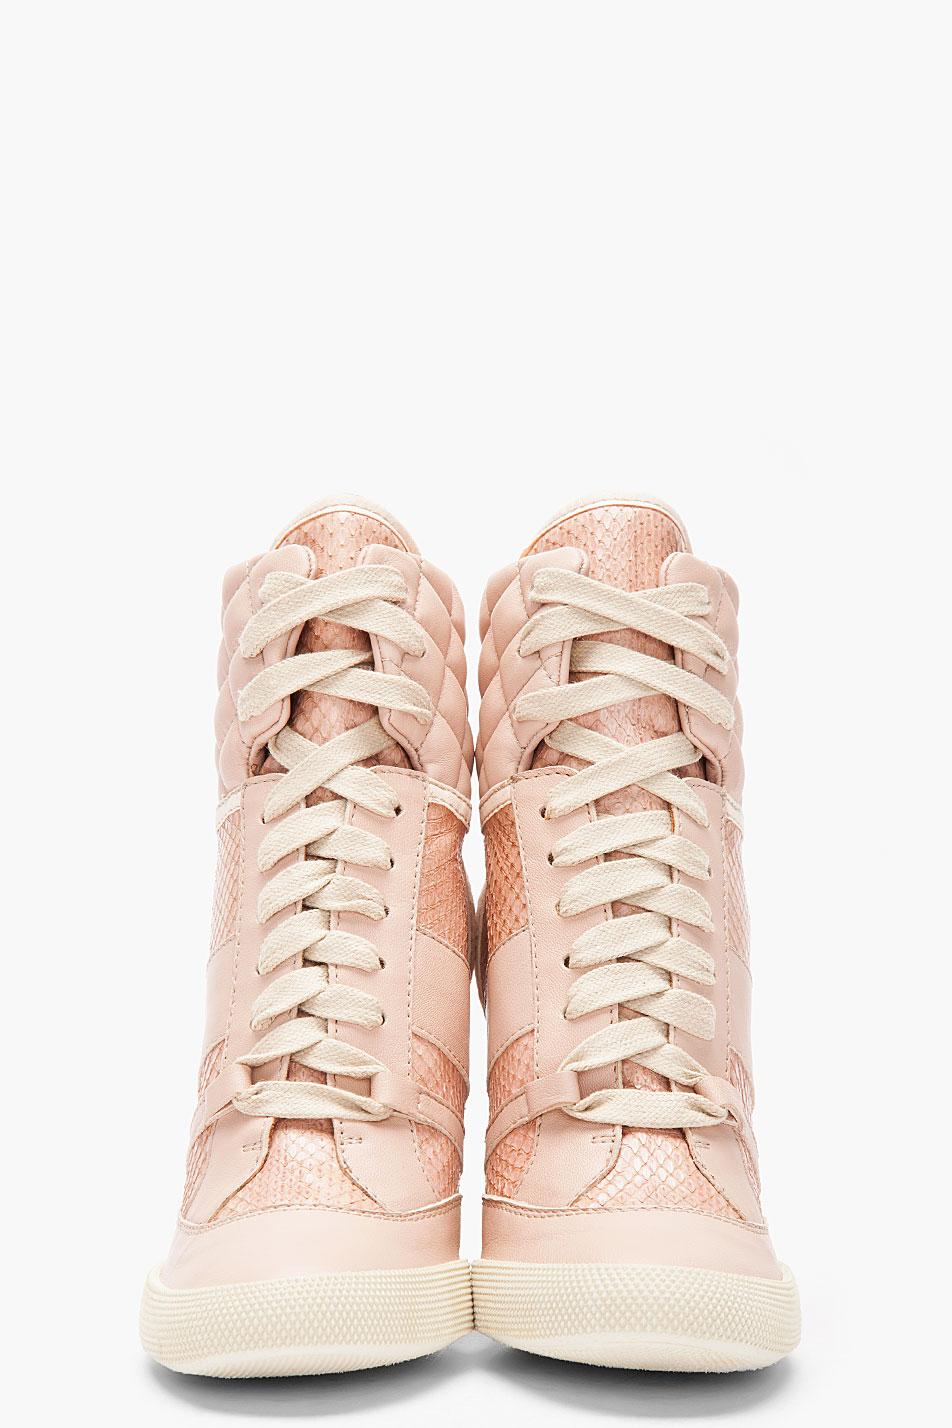 Lyst - Chloé Pink Snakeskin Wedge Sneakers in Pink